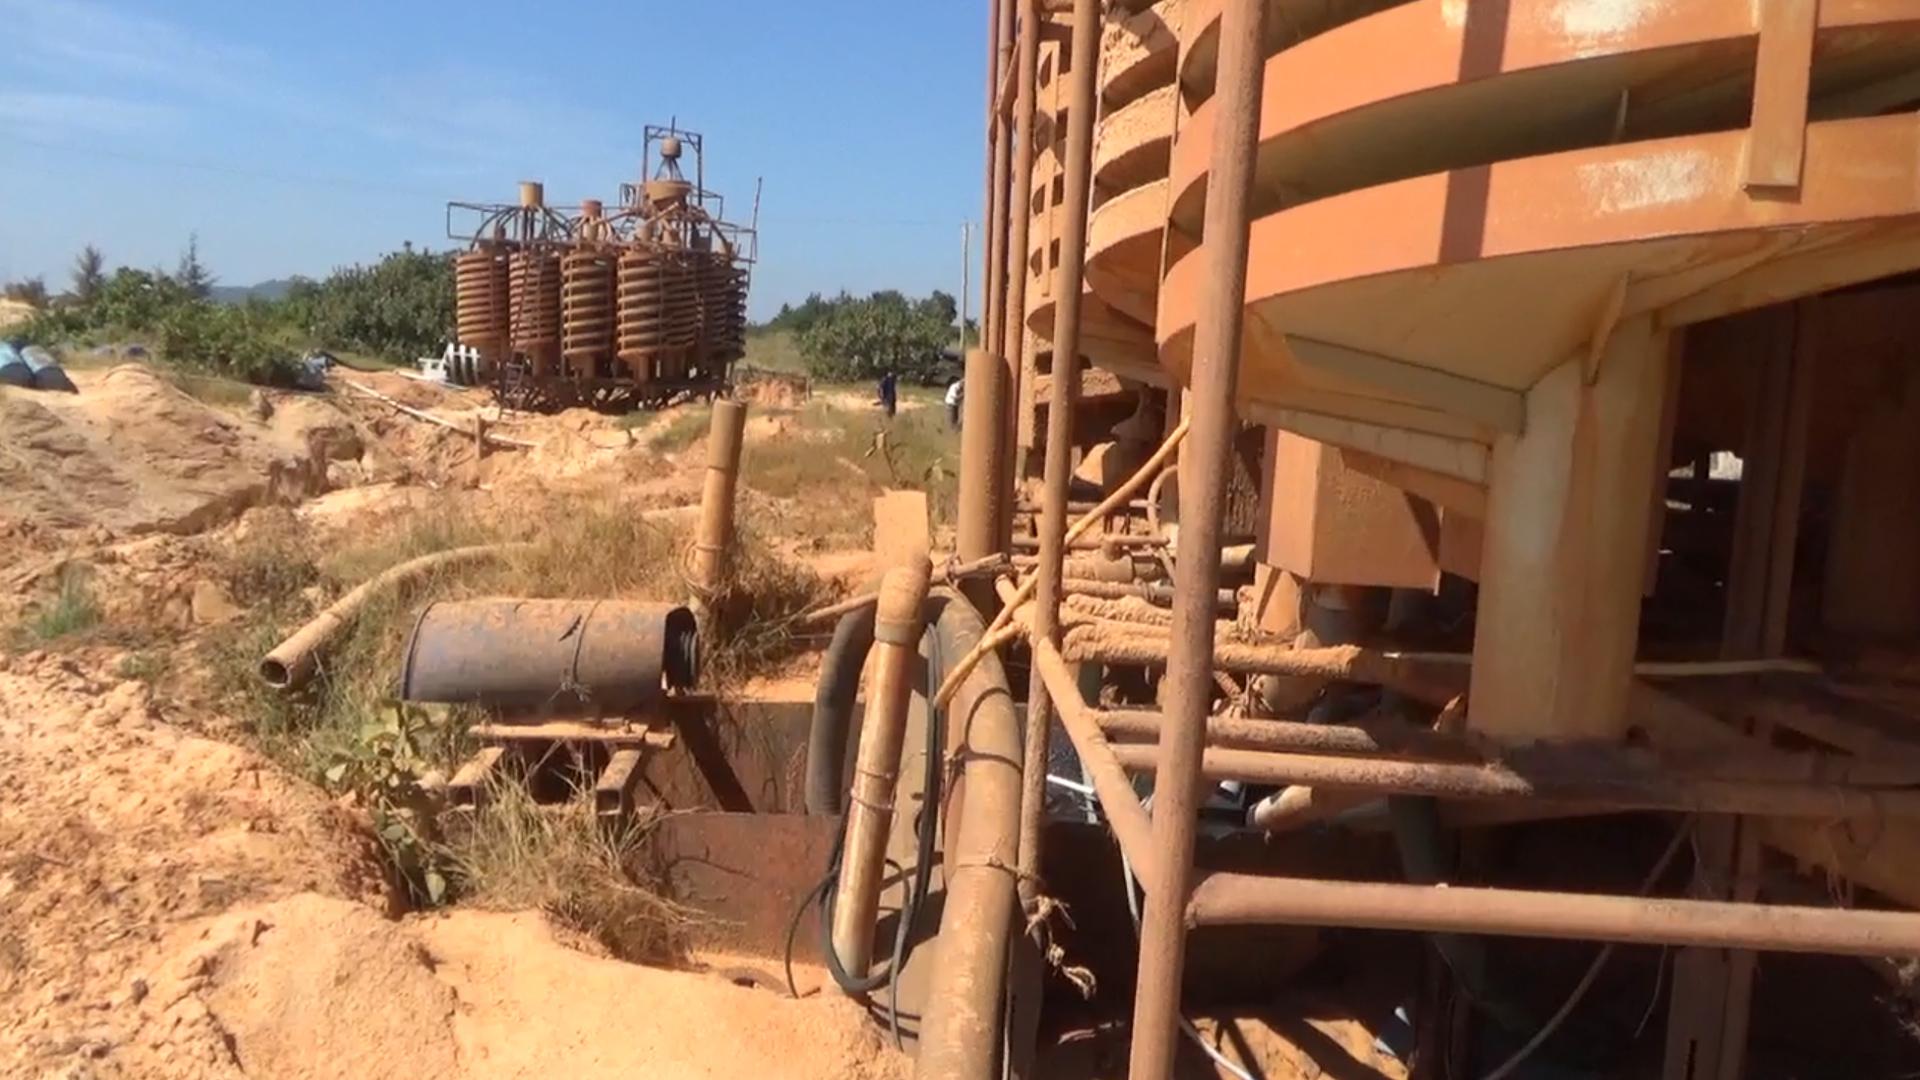 Kiểm tra mỏ khai thác titan trái phép ở Bình Thuận